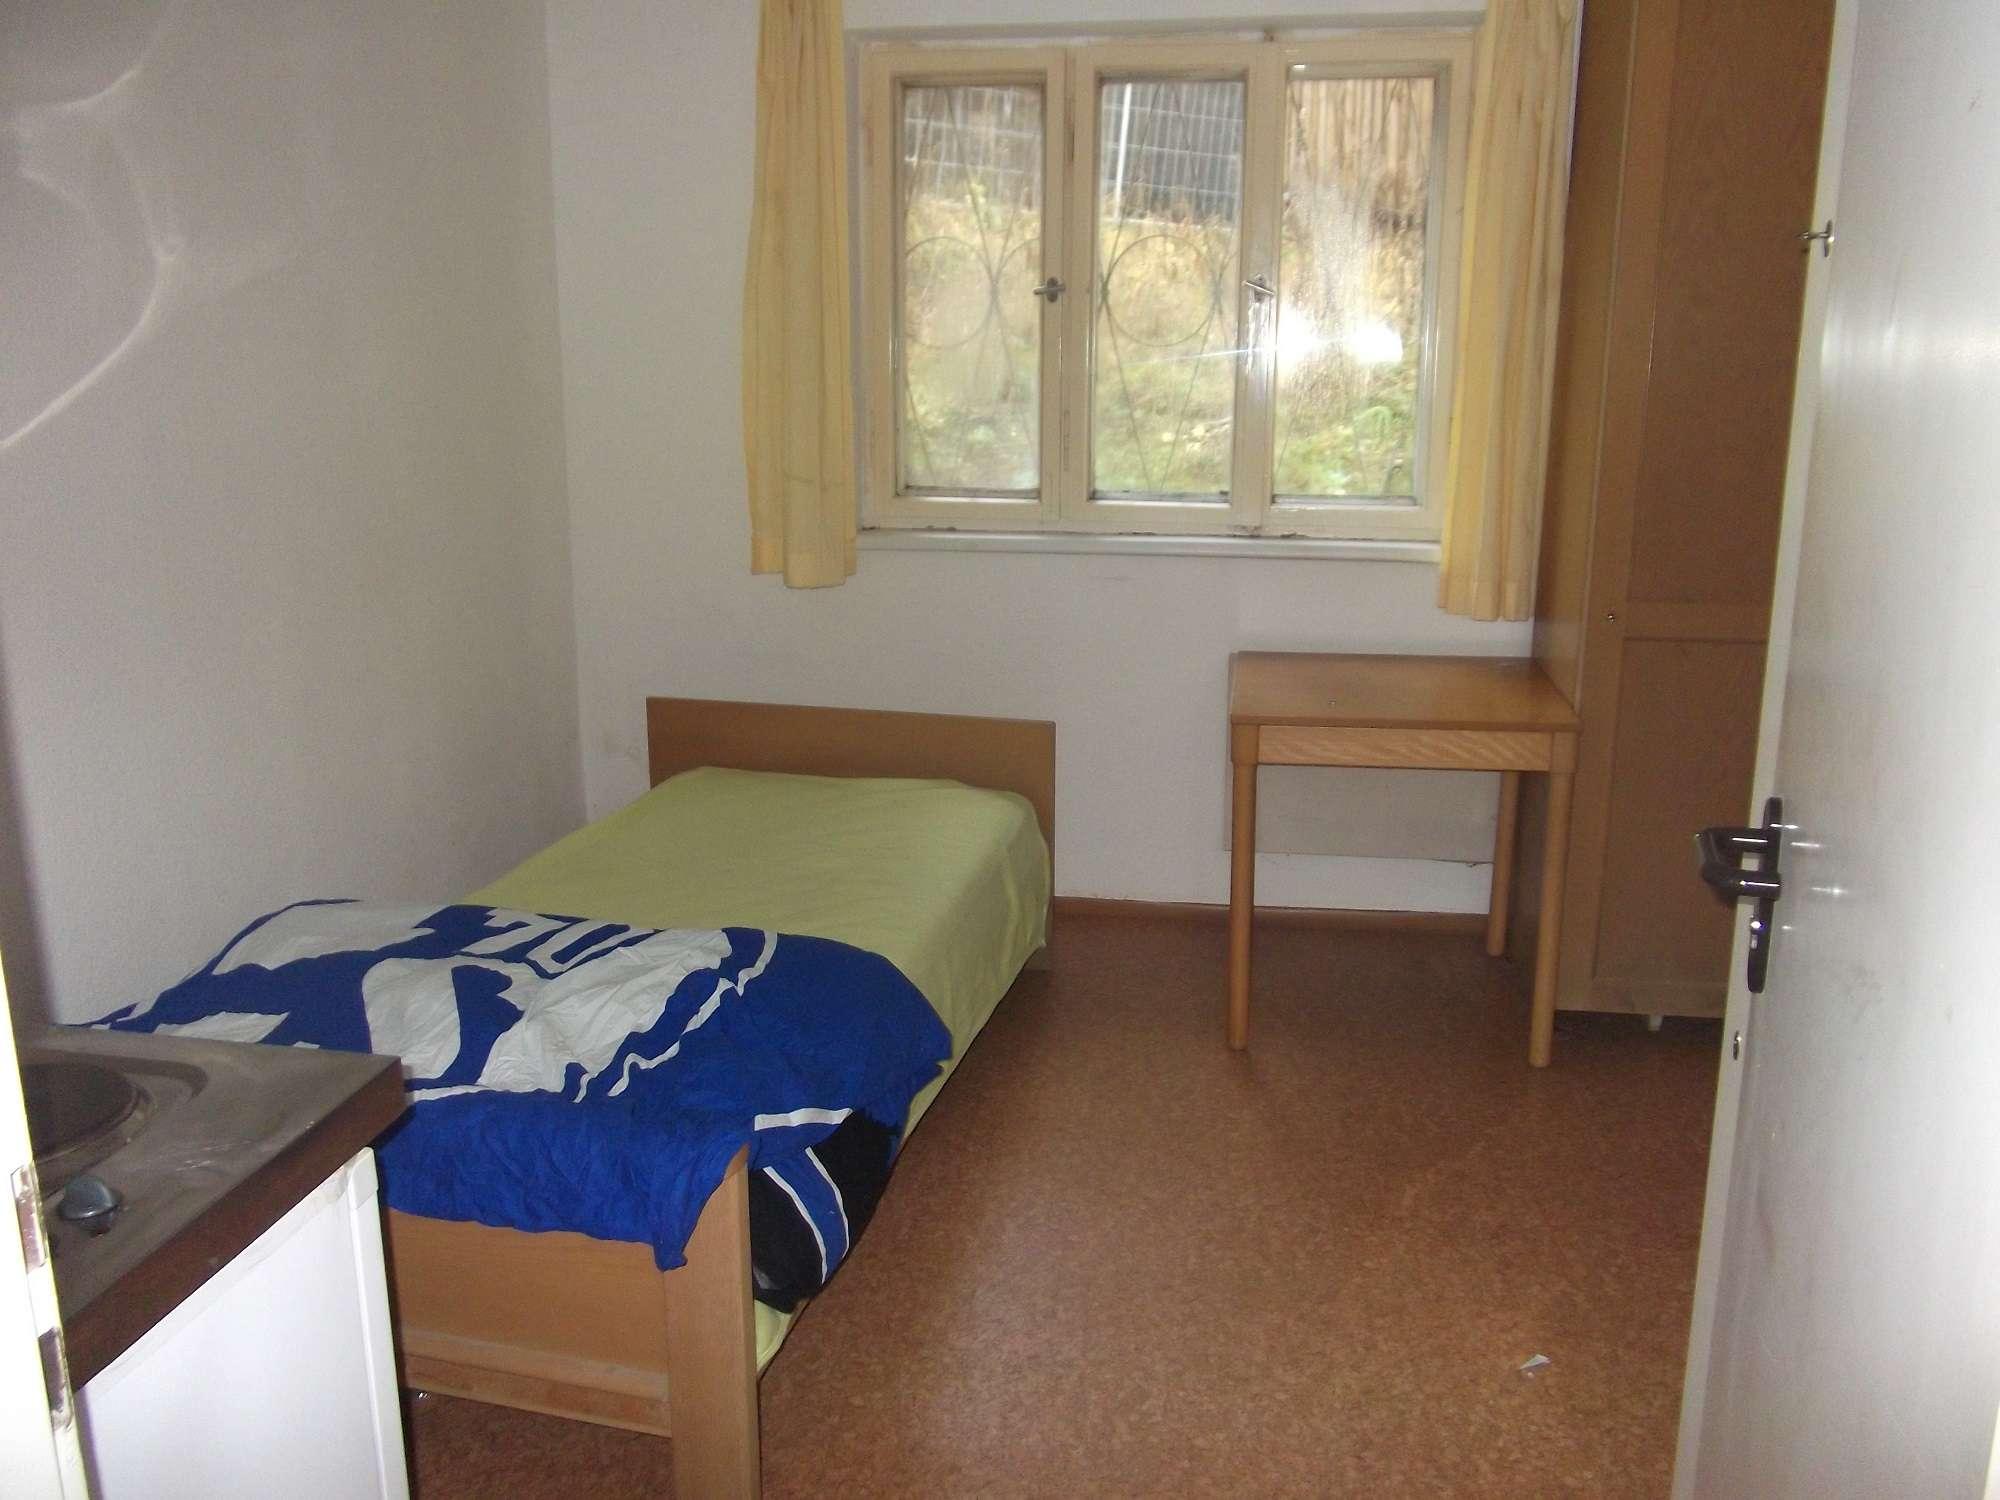 1-Zimmer-Wohnung mit Pkw-stellplatz und Gartennutzung in ruhiger Lage bei Neumarkt